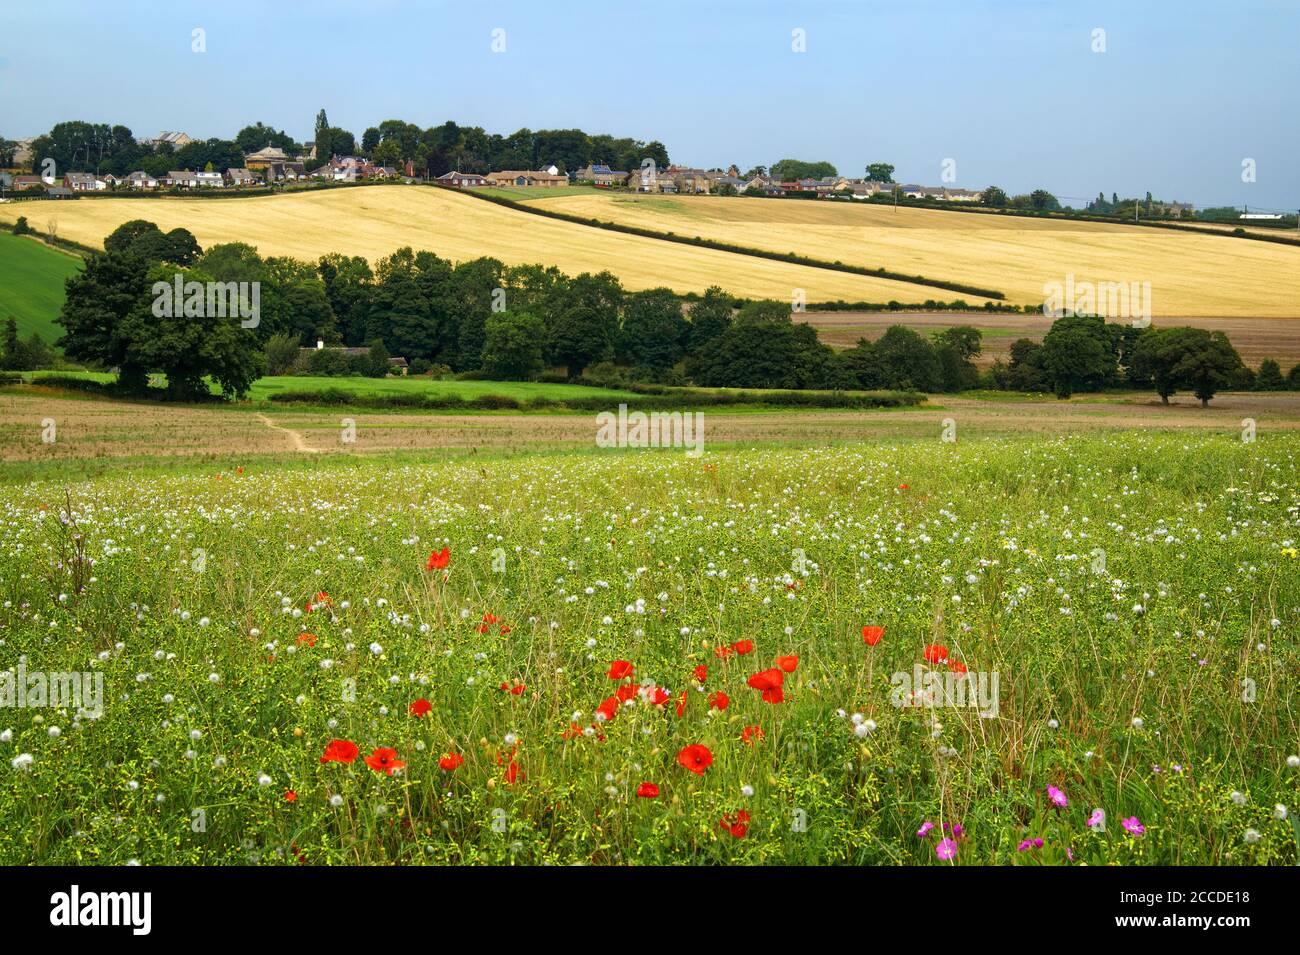 Royaume-Uni, West Yorkshire, campagne autour du village de Flockton Banque D'Images